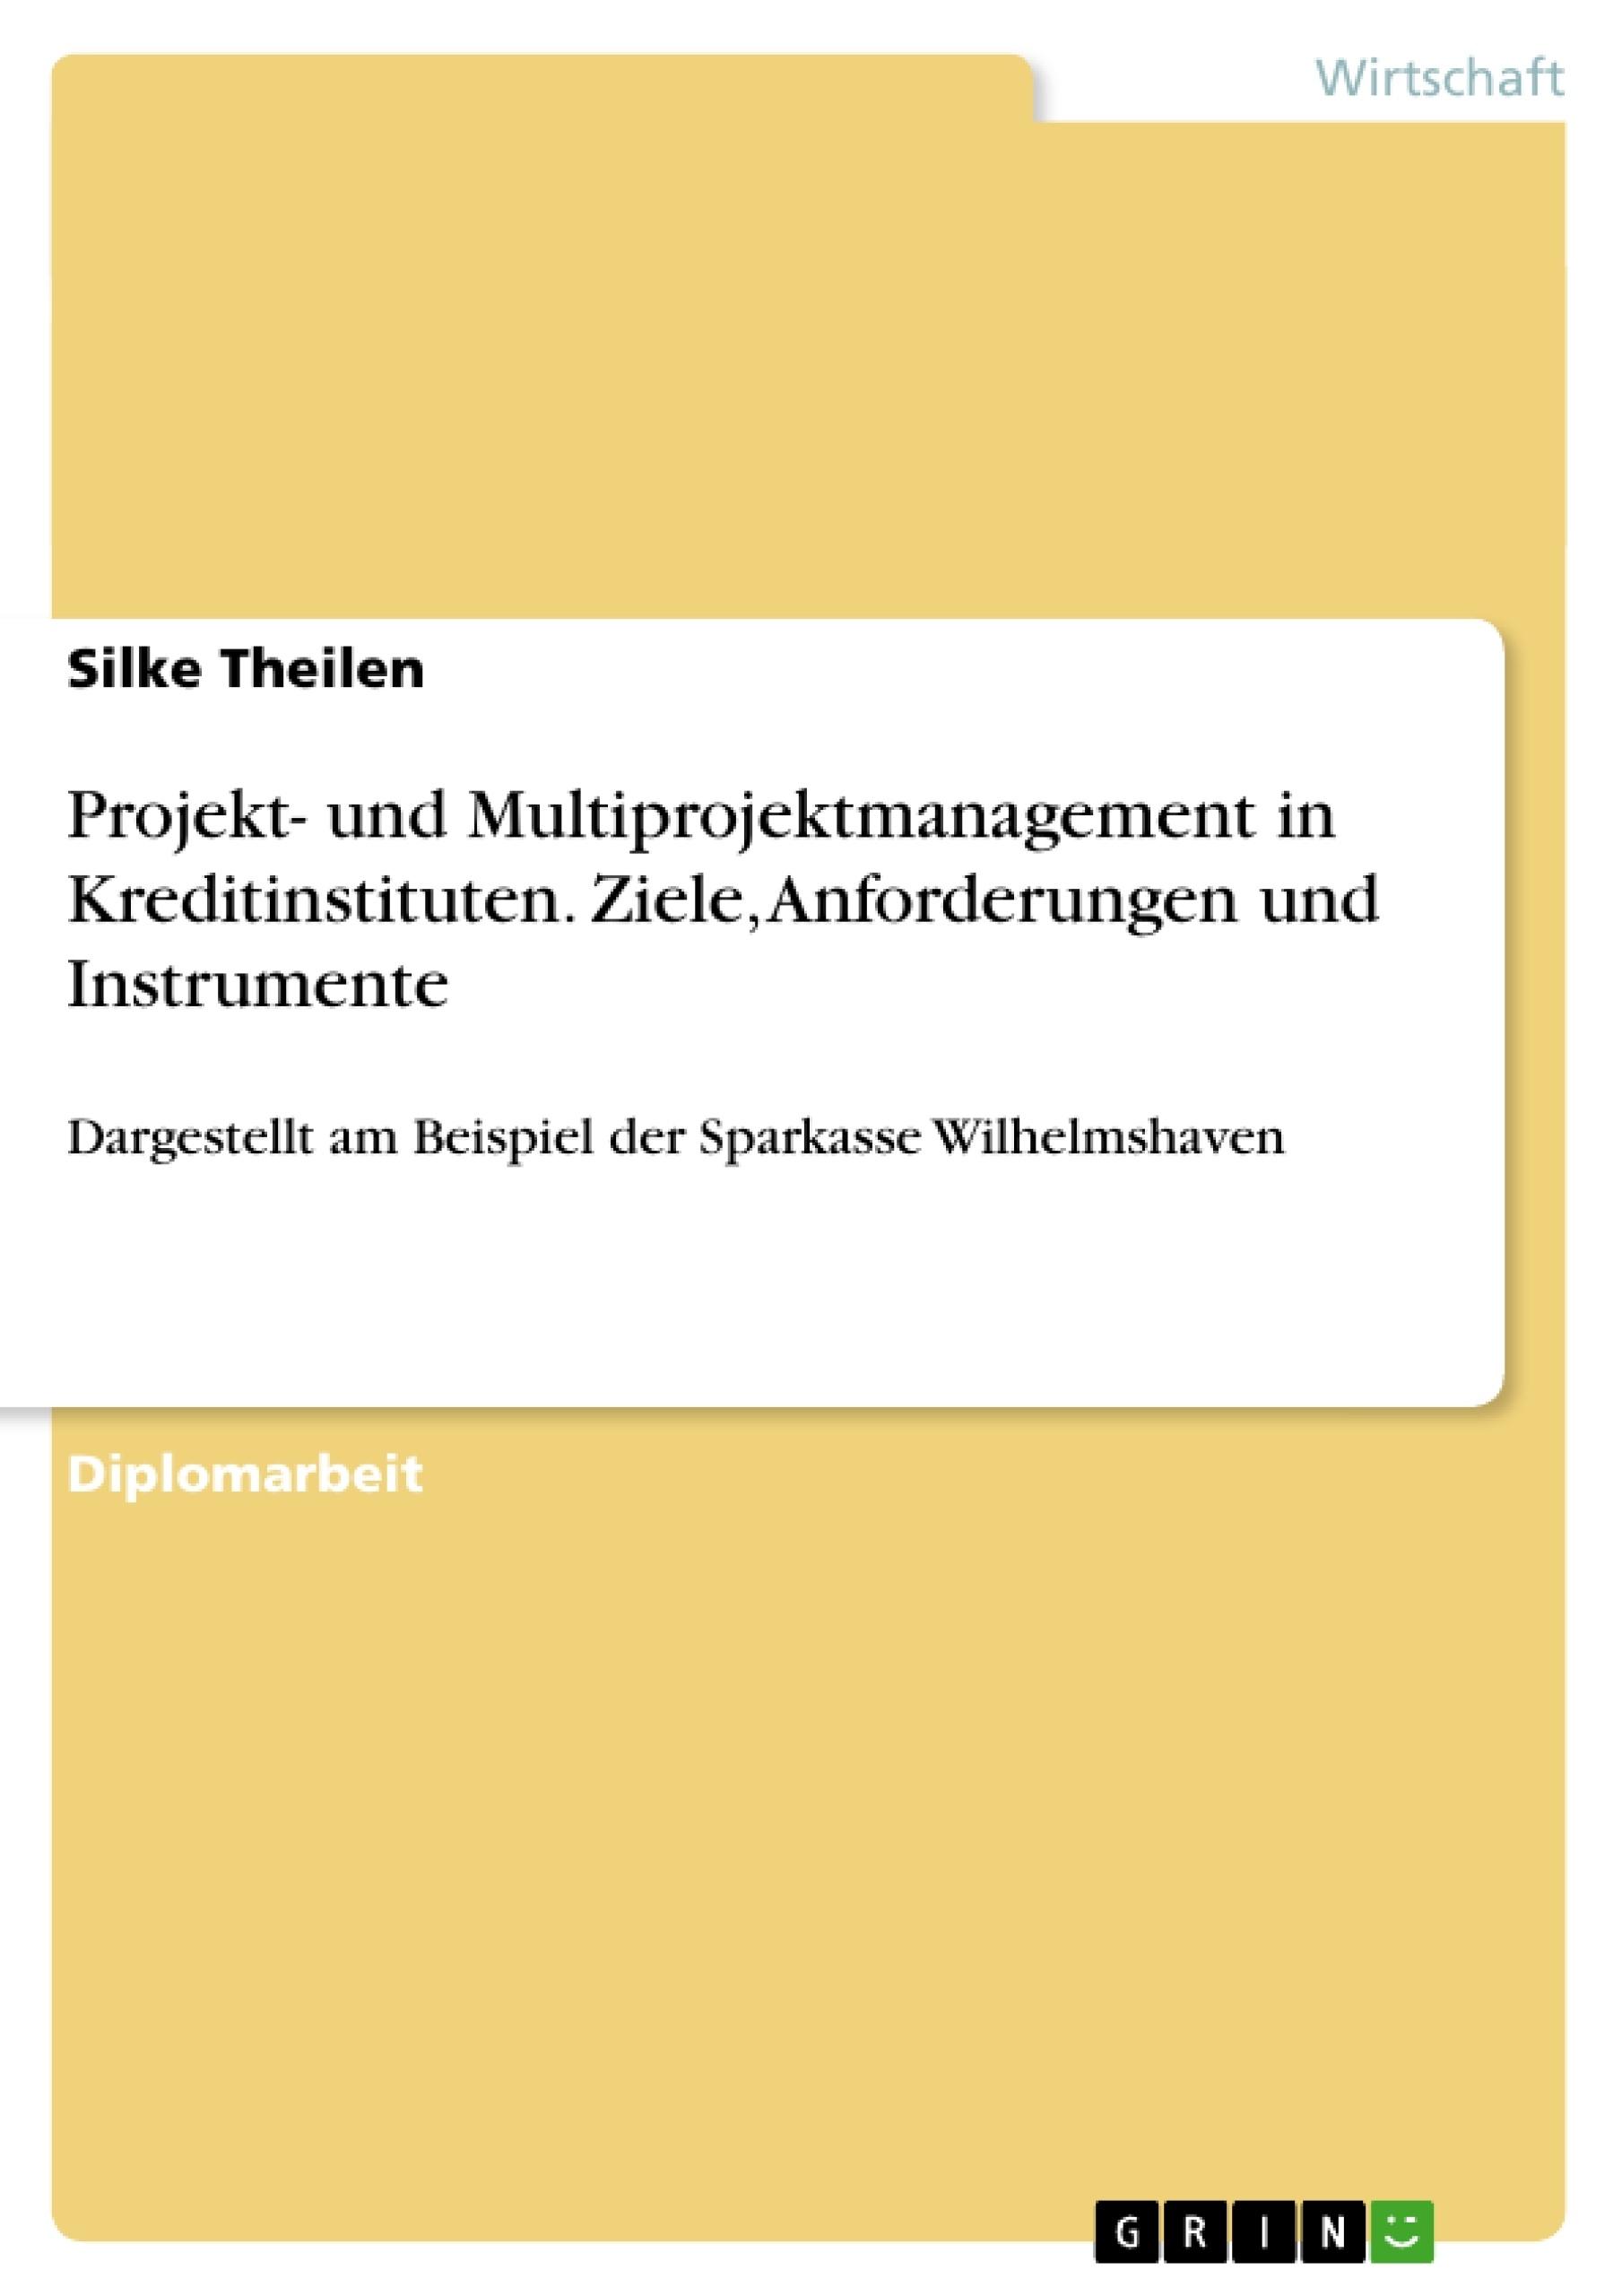 Titel: Projekt- und Multiprojektmanagement in Kreditinstituten. Ziele, Anforderungen und Instrumente